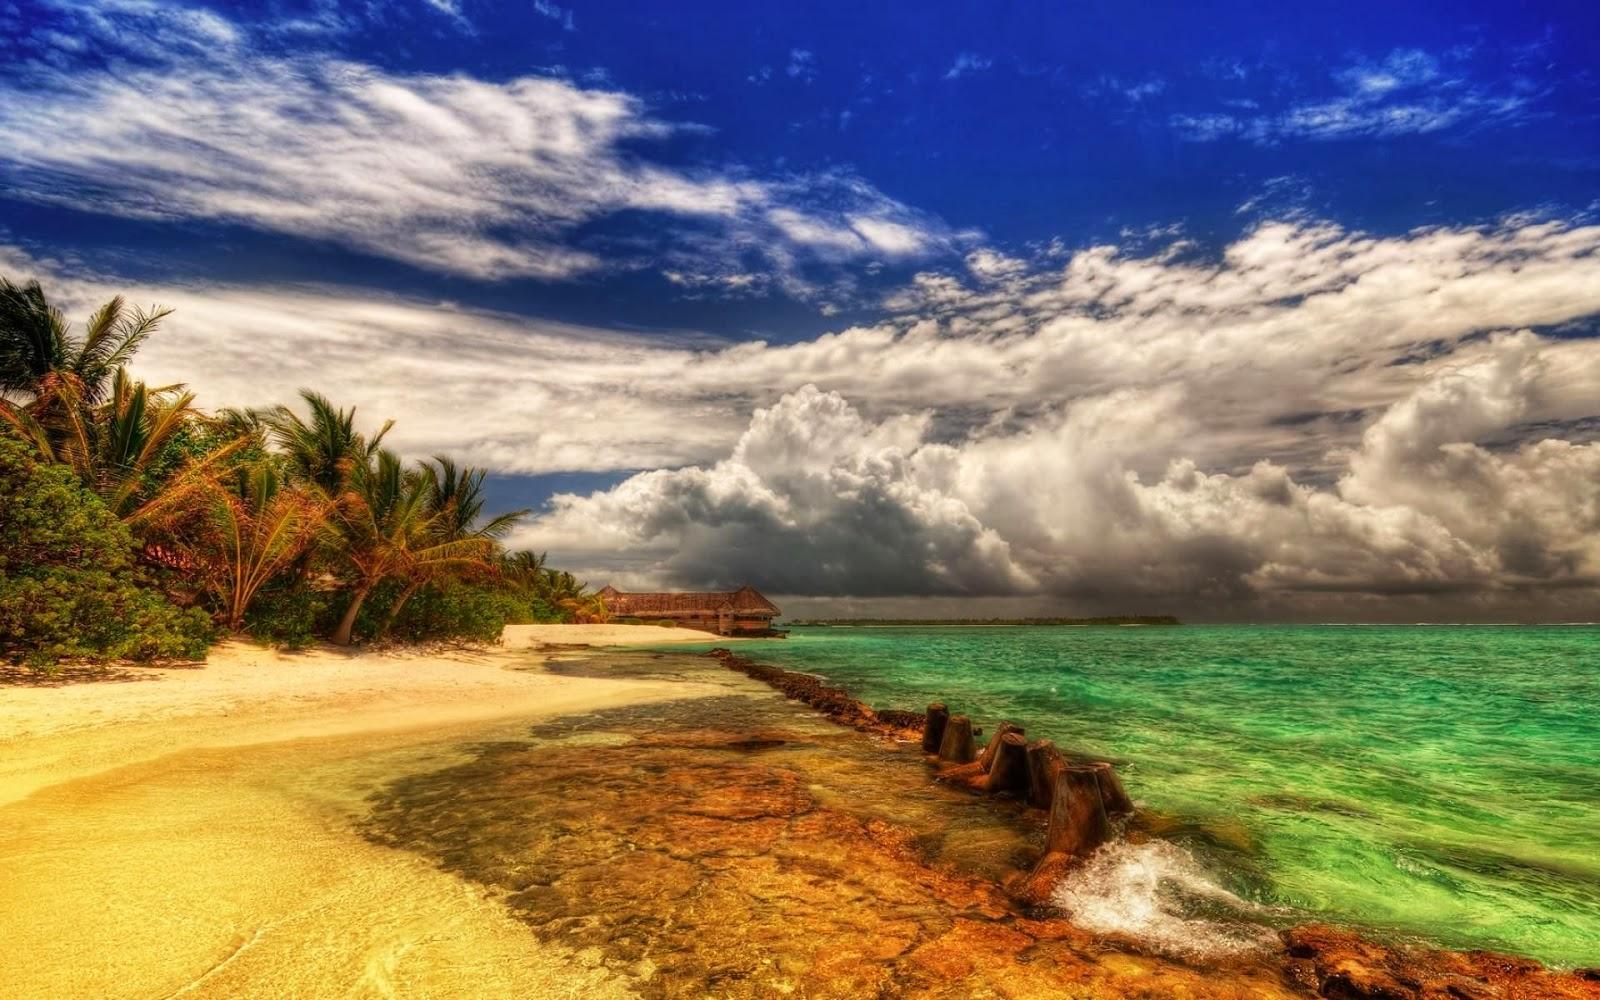 بالصور صور جمال الطبيعة , اجمل بوستات لروعة الطبيعة 5160 8